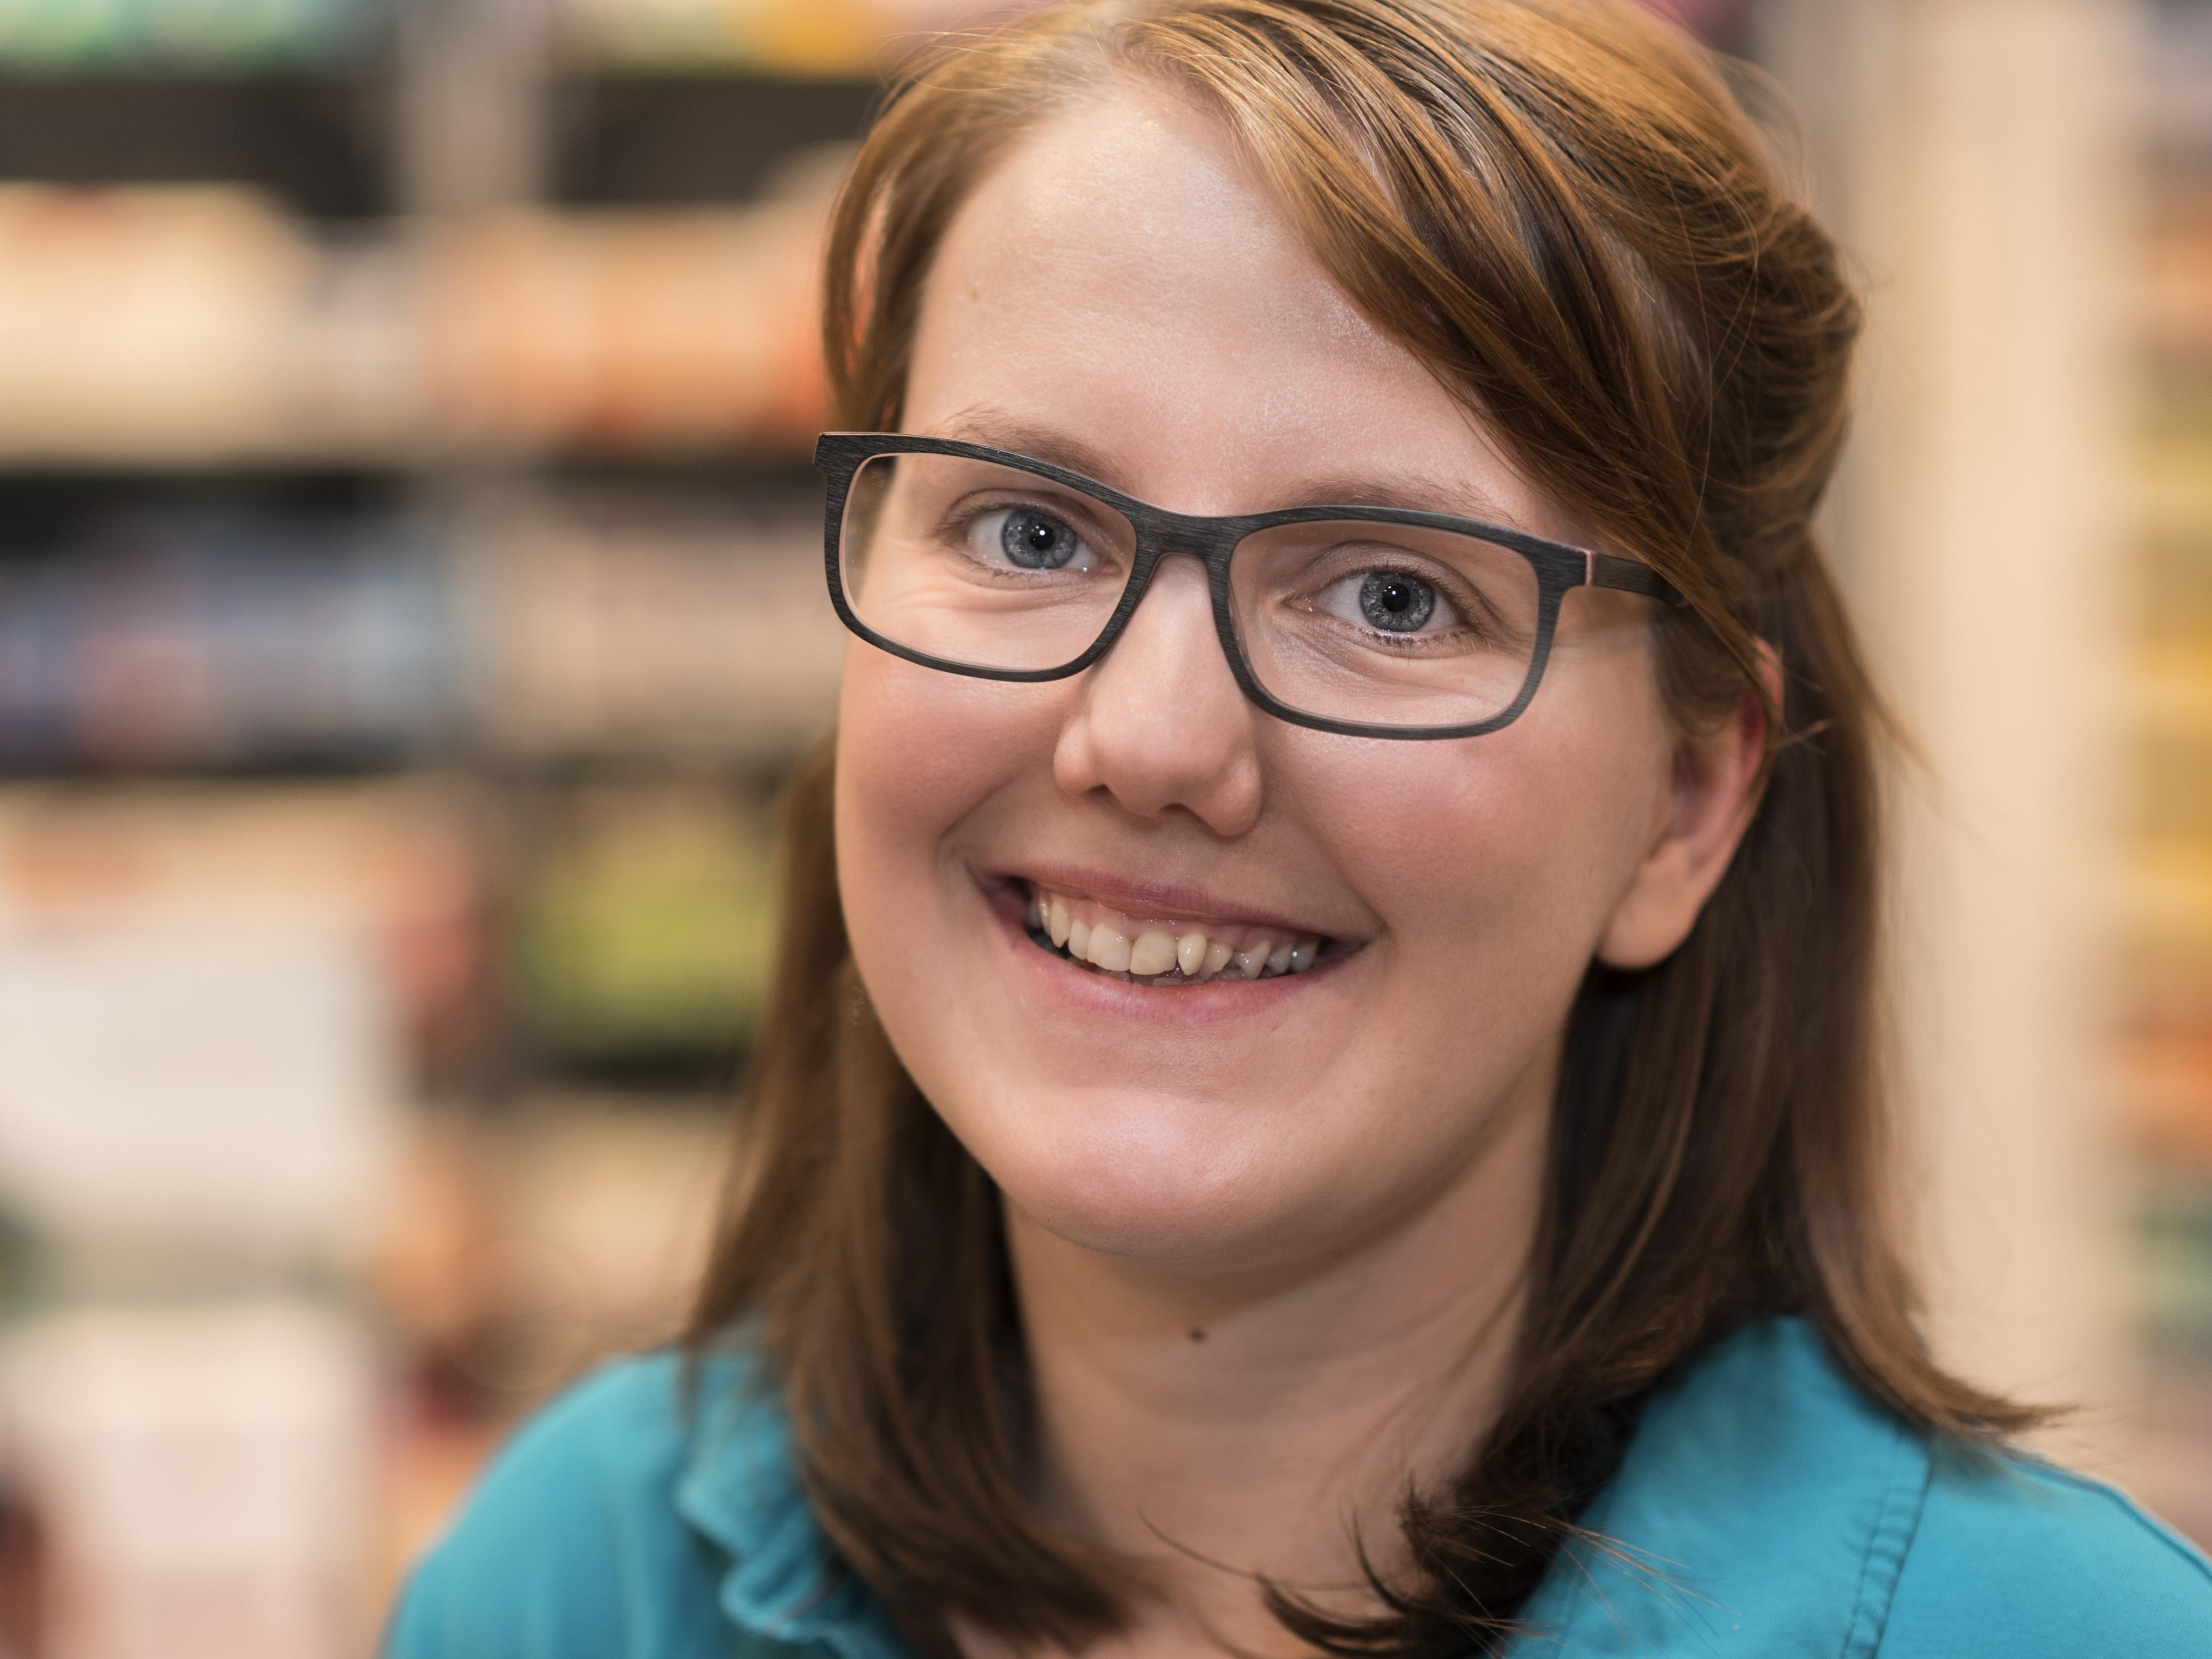 Jennifer Bobenrieth